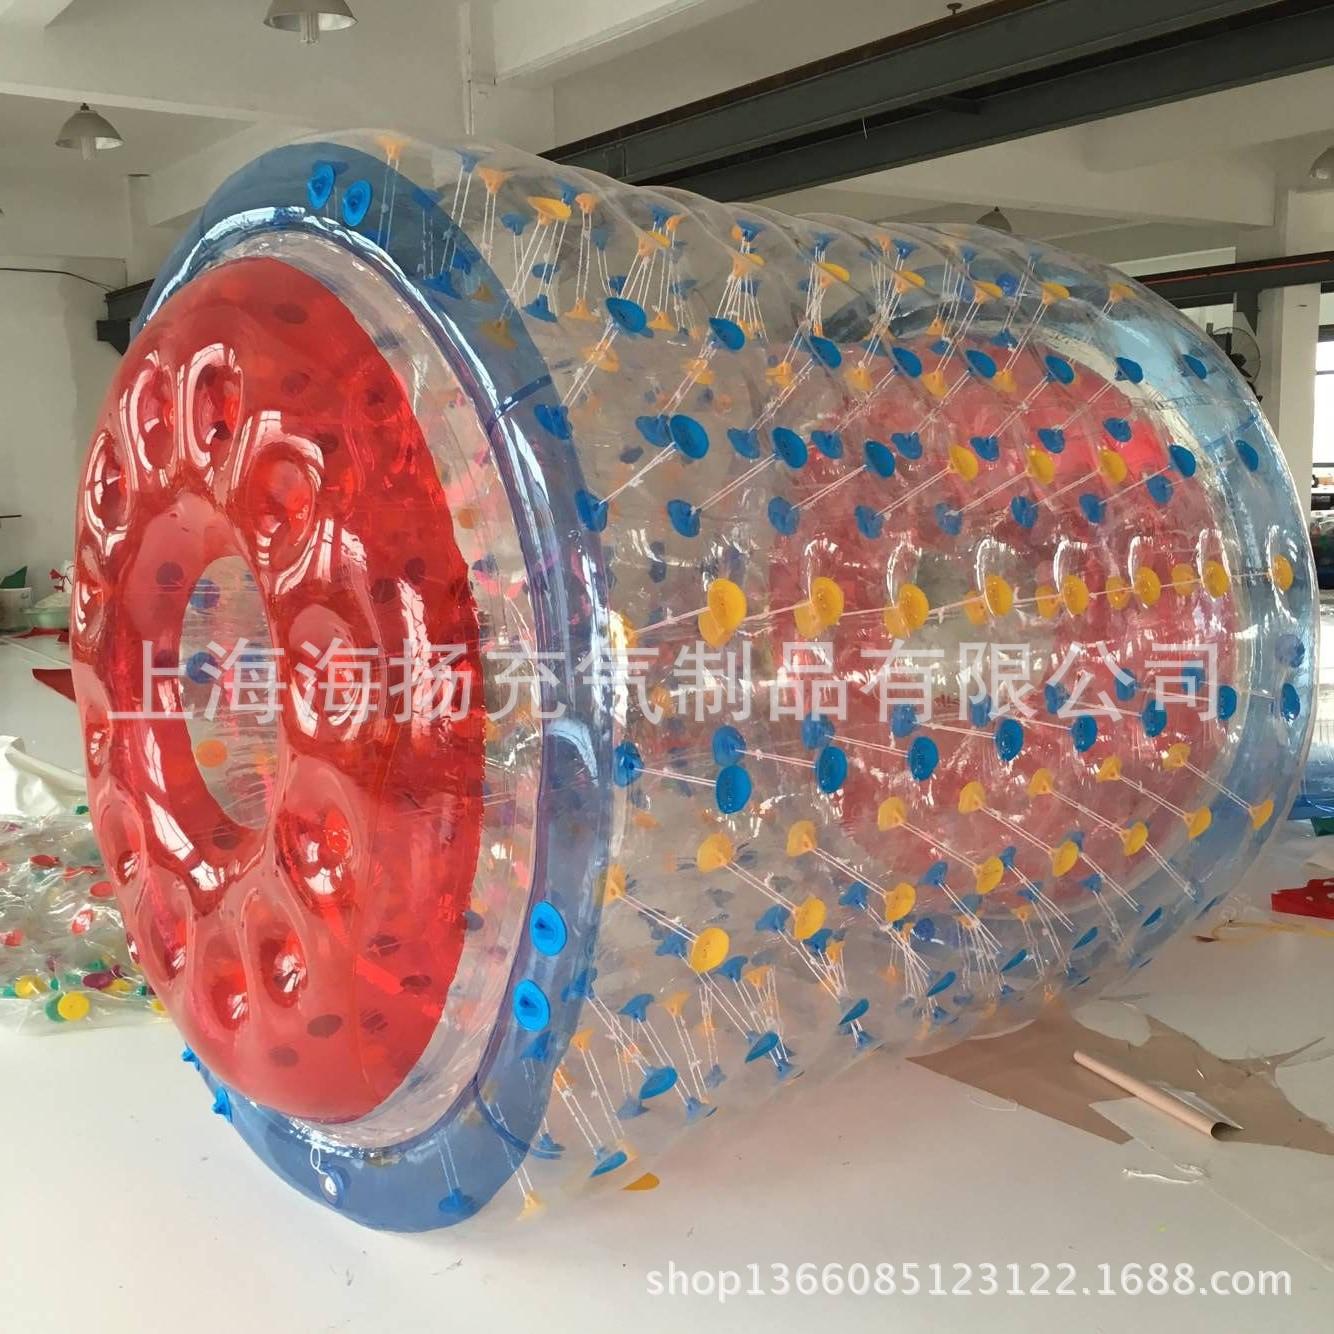 水上滚筒 充气滚筒球上海水上玩具PVC滚筒步行器2.4米2.6米滚筒球